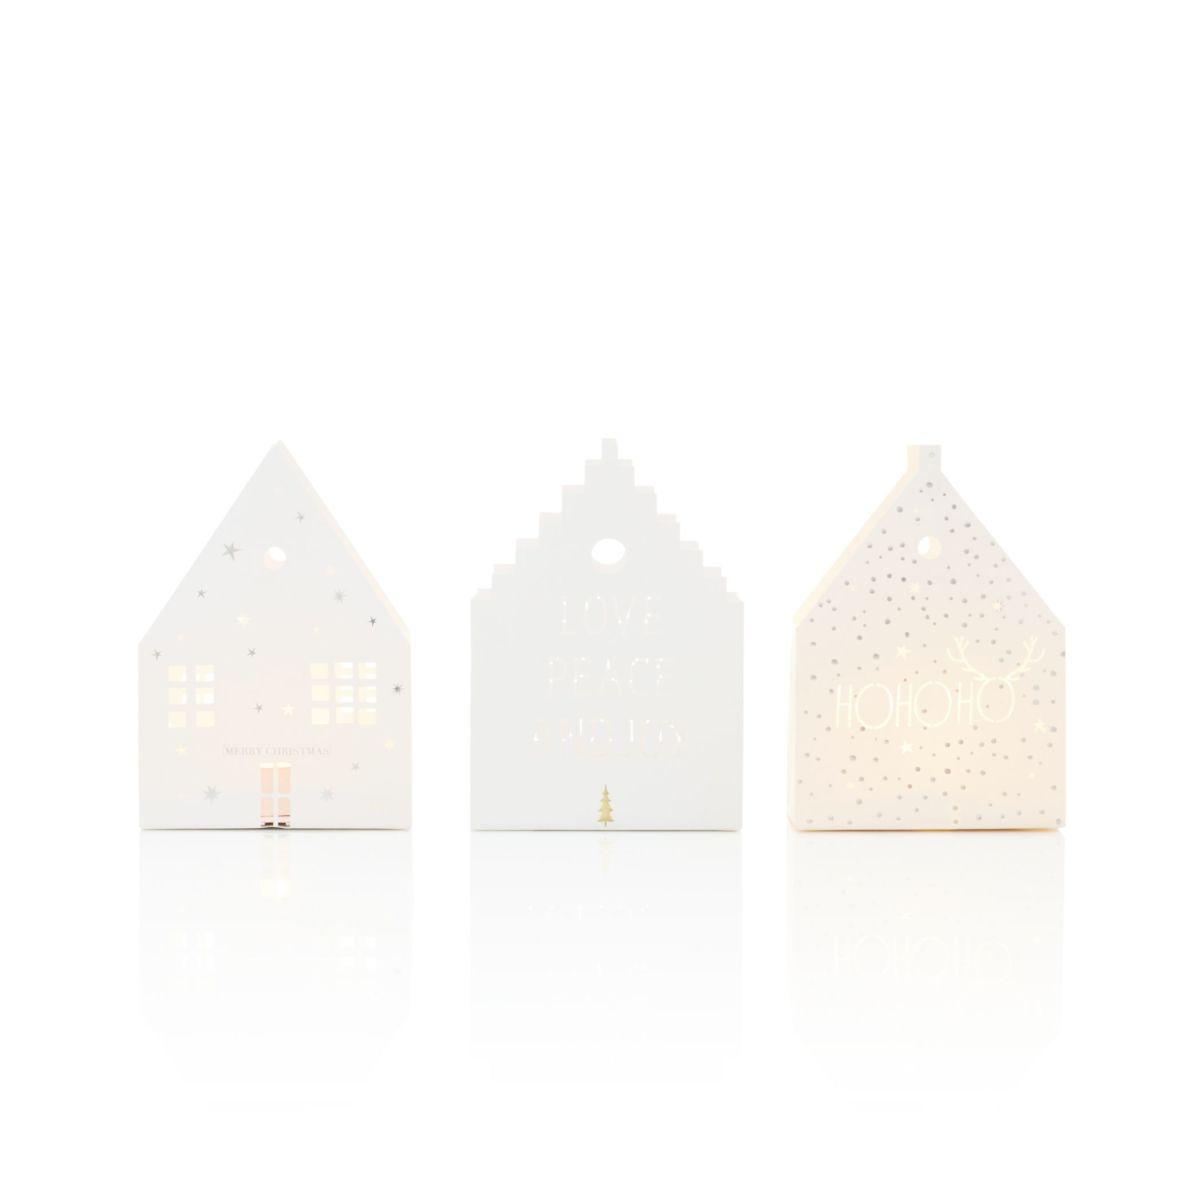 Haus-Lichttüten-Set, 3-tlg., unterschiedliche Designs, Papier (Impressionen)